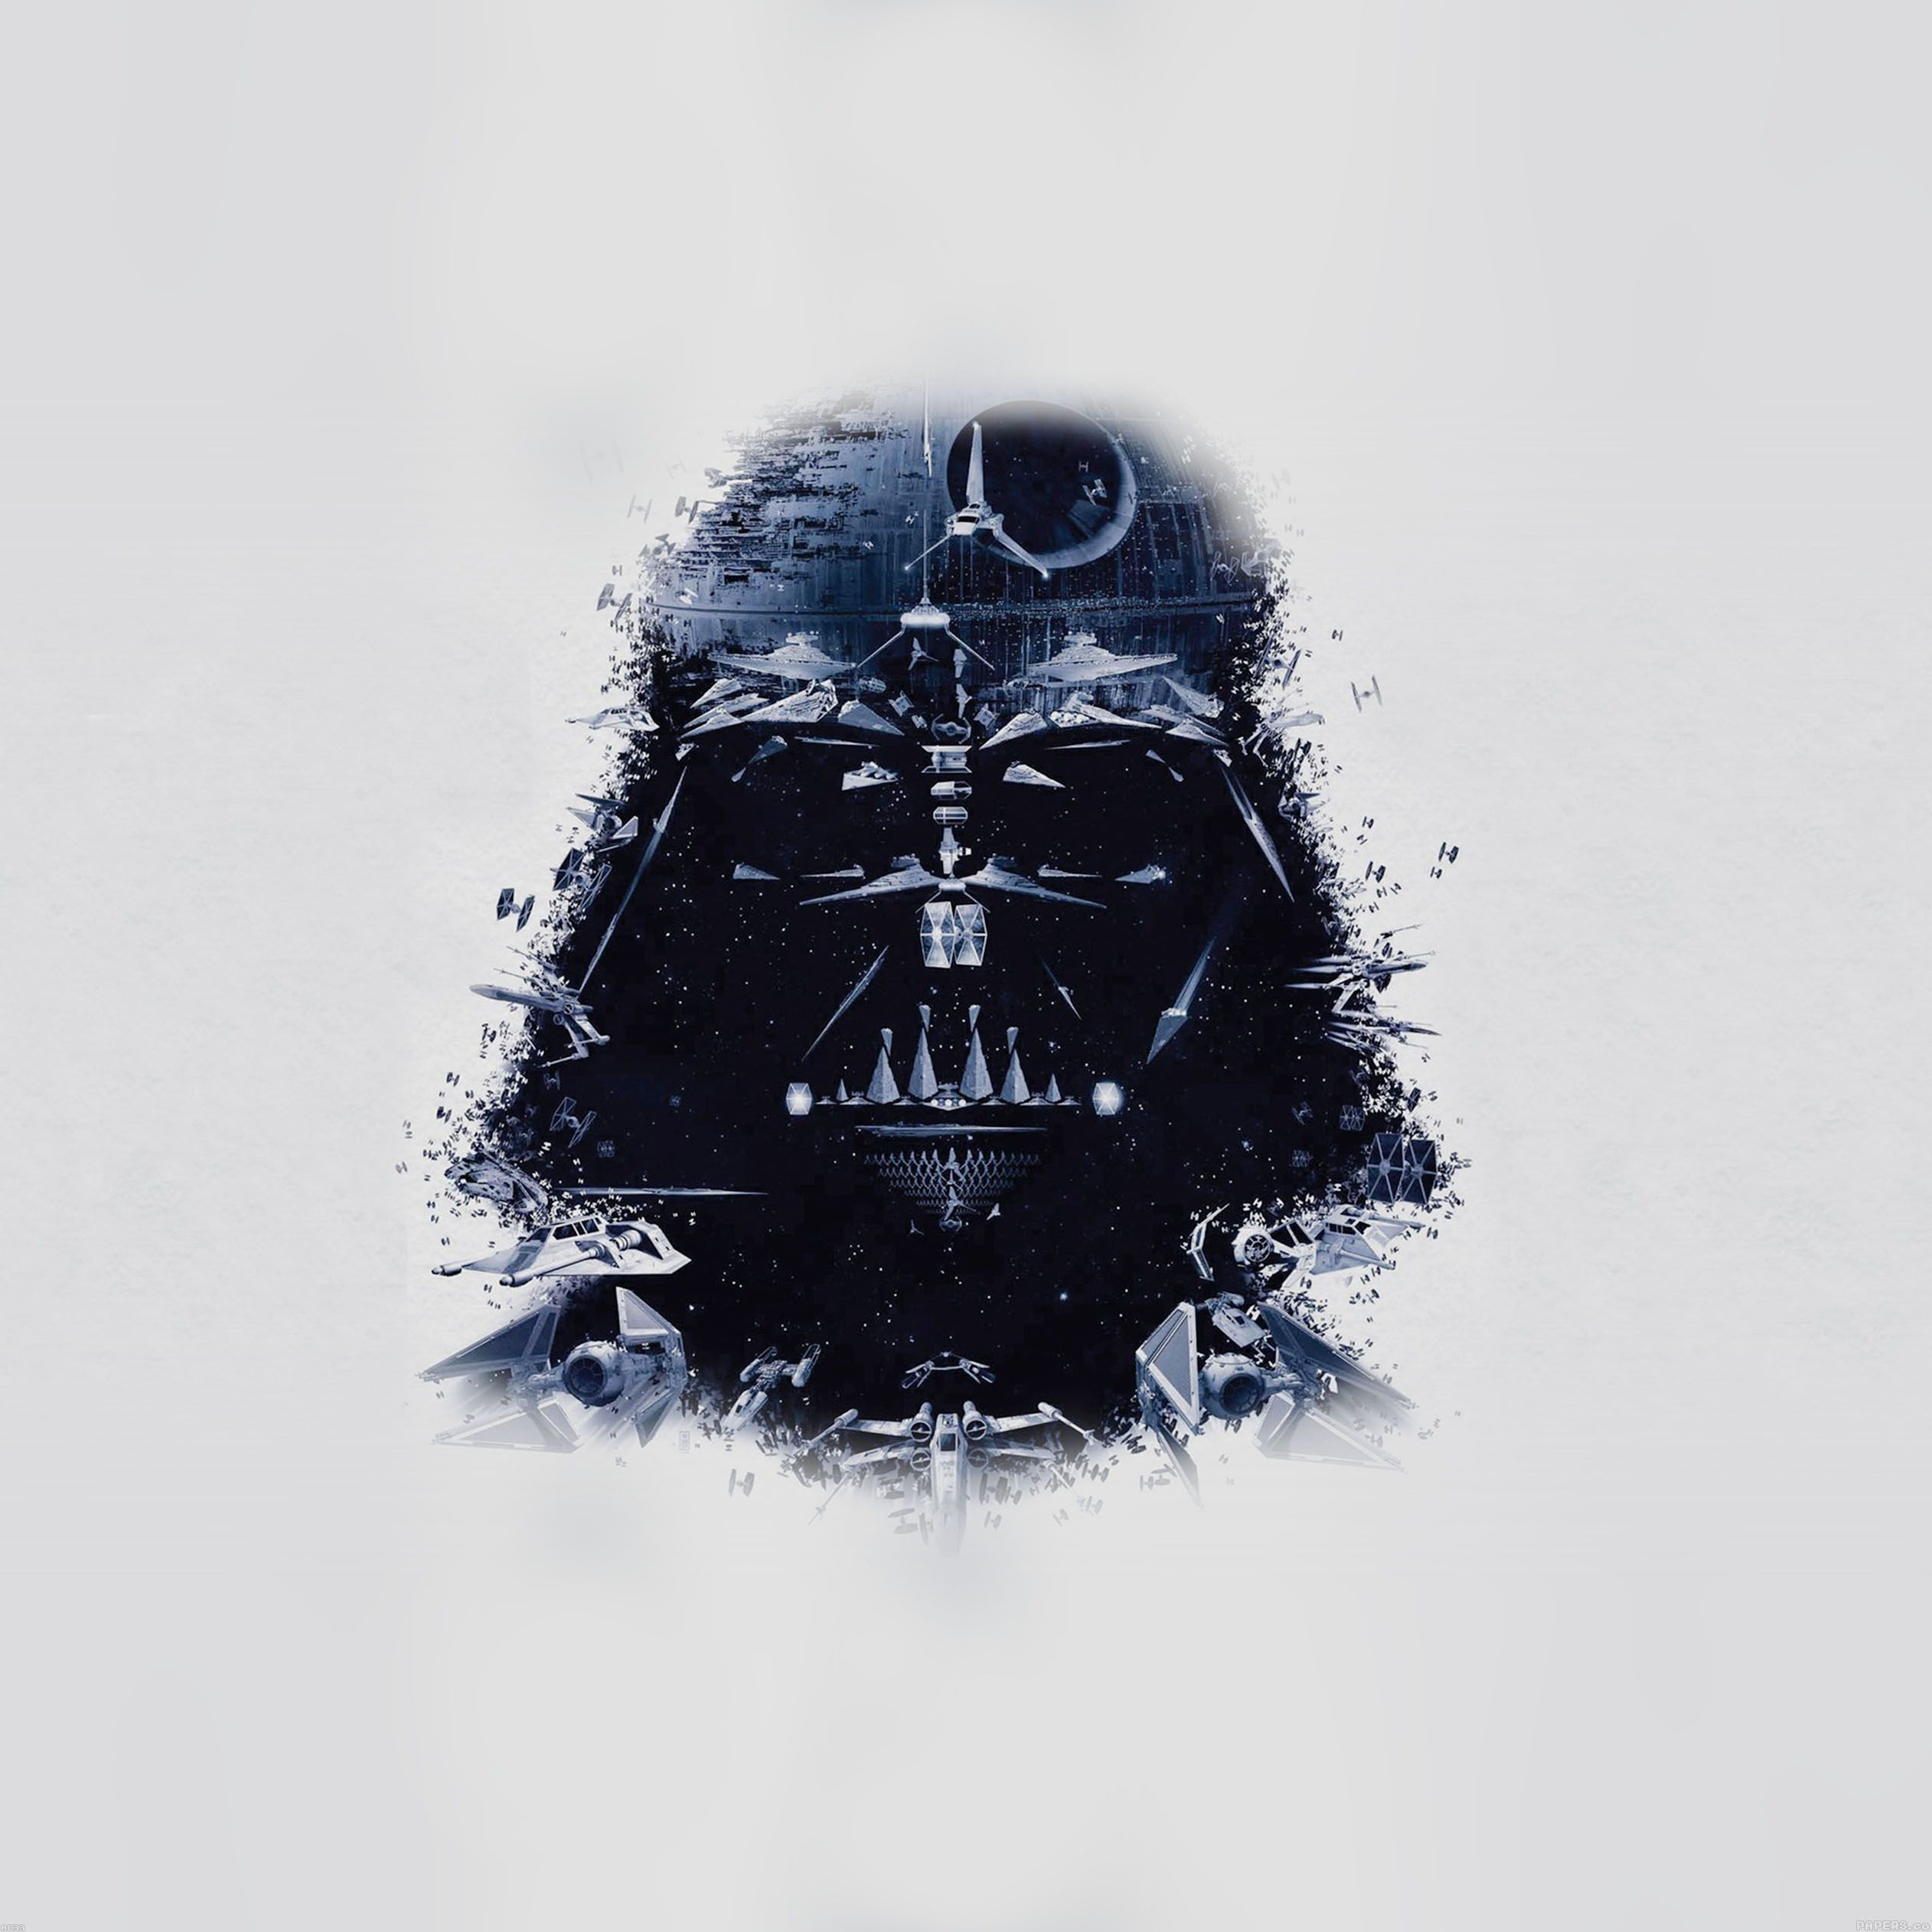 Darth vader in 2020 Star wars wallpaper, Darth vader art